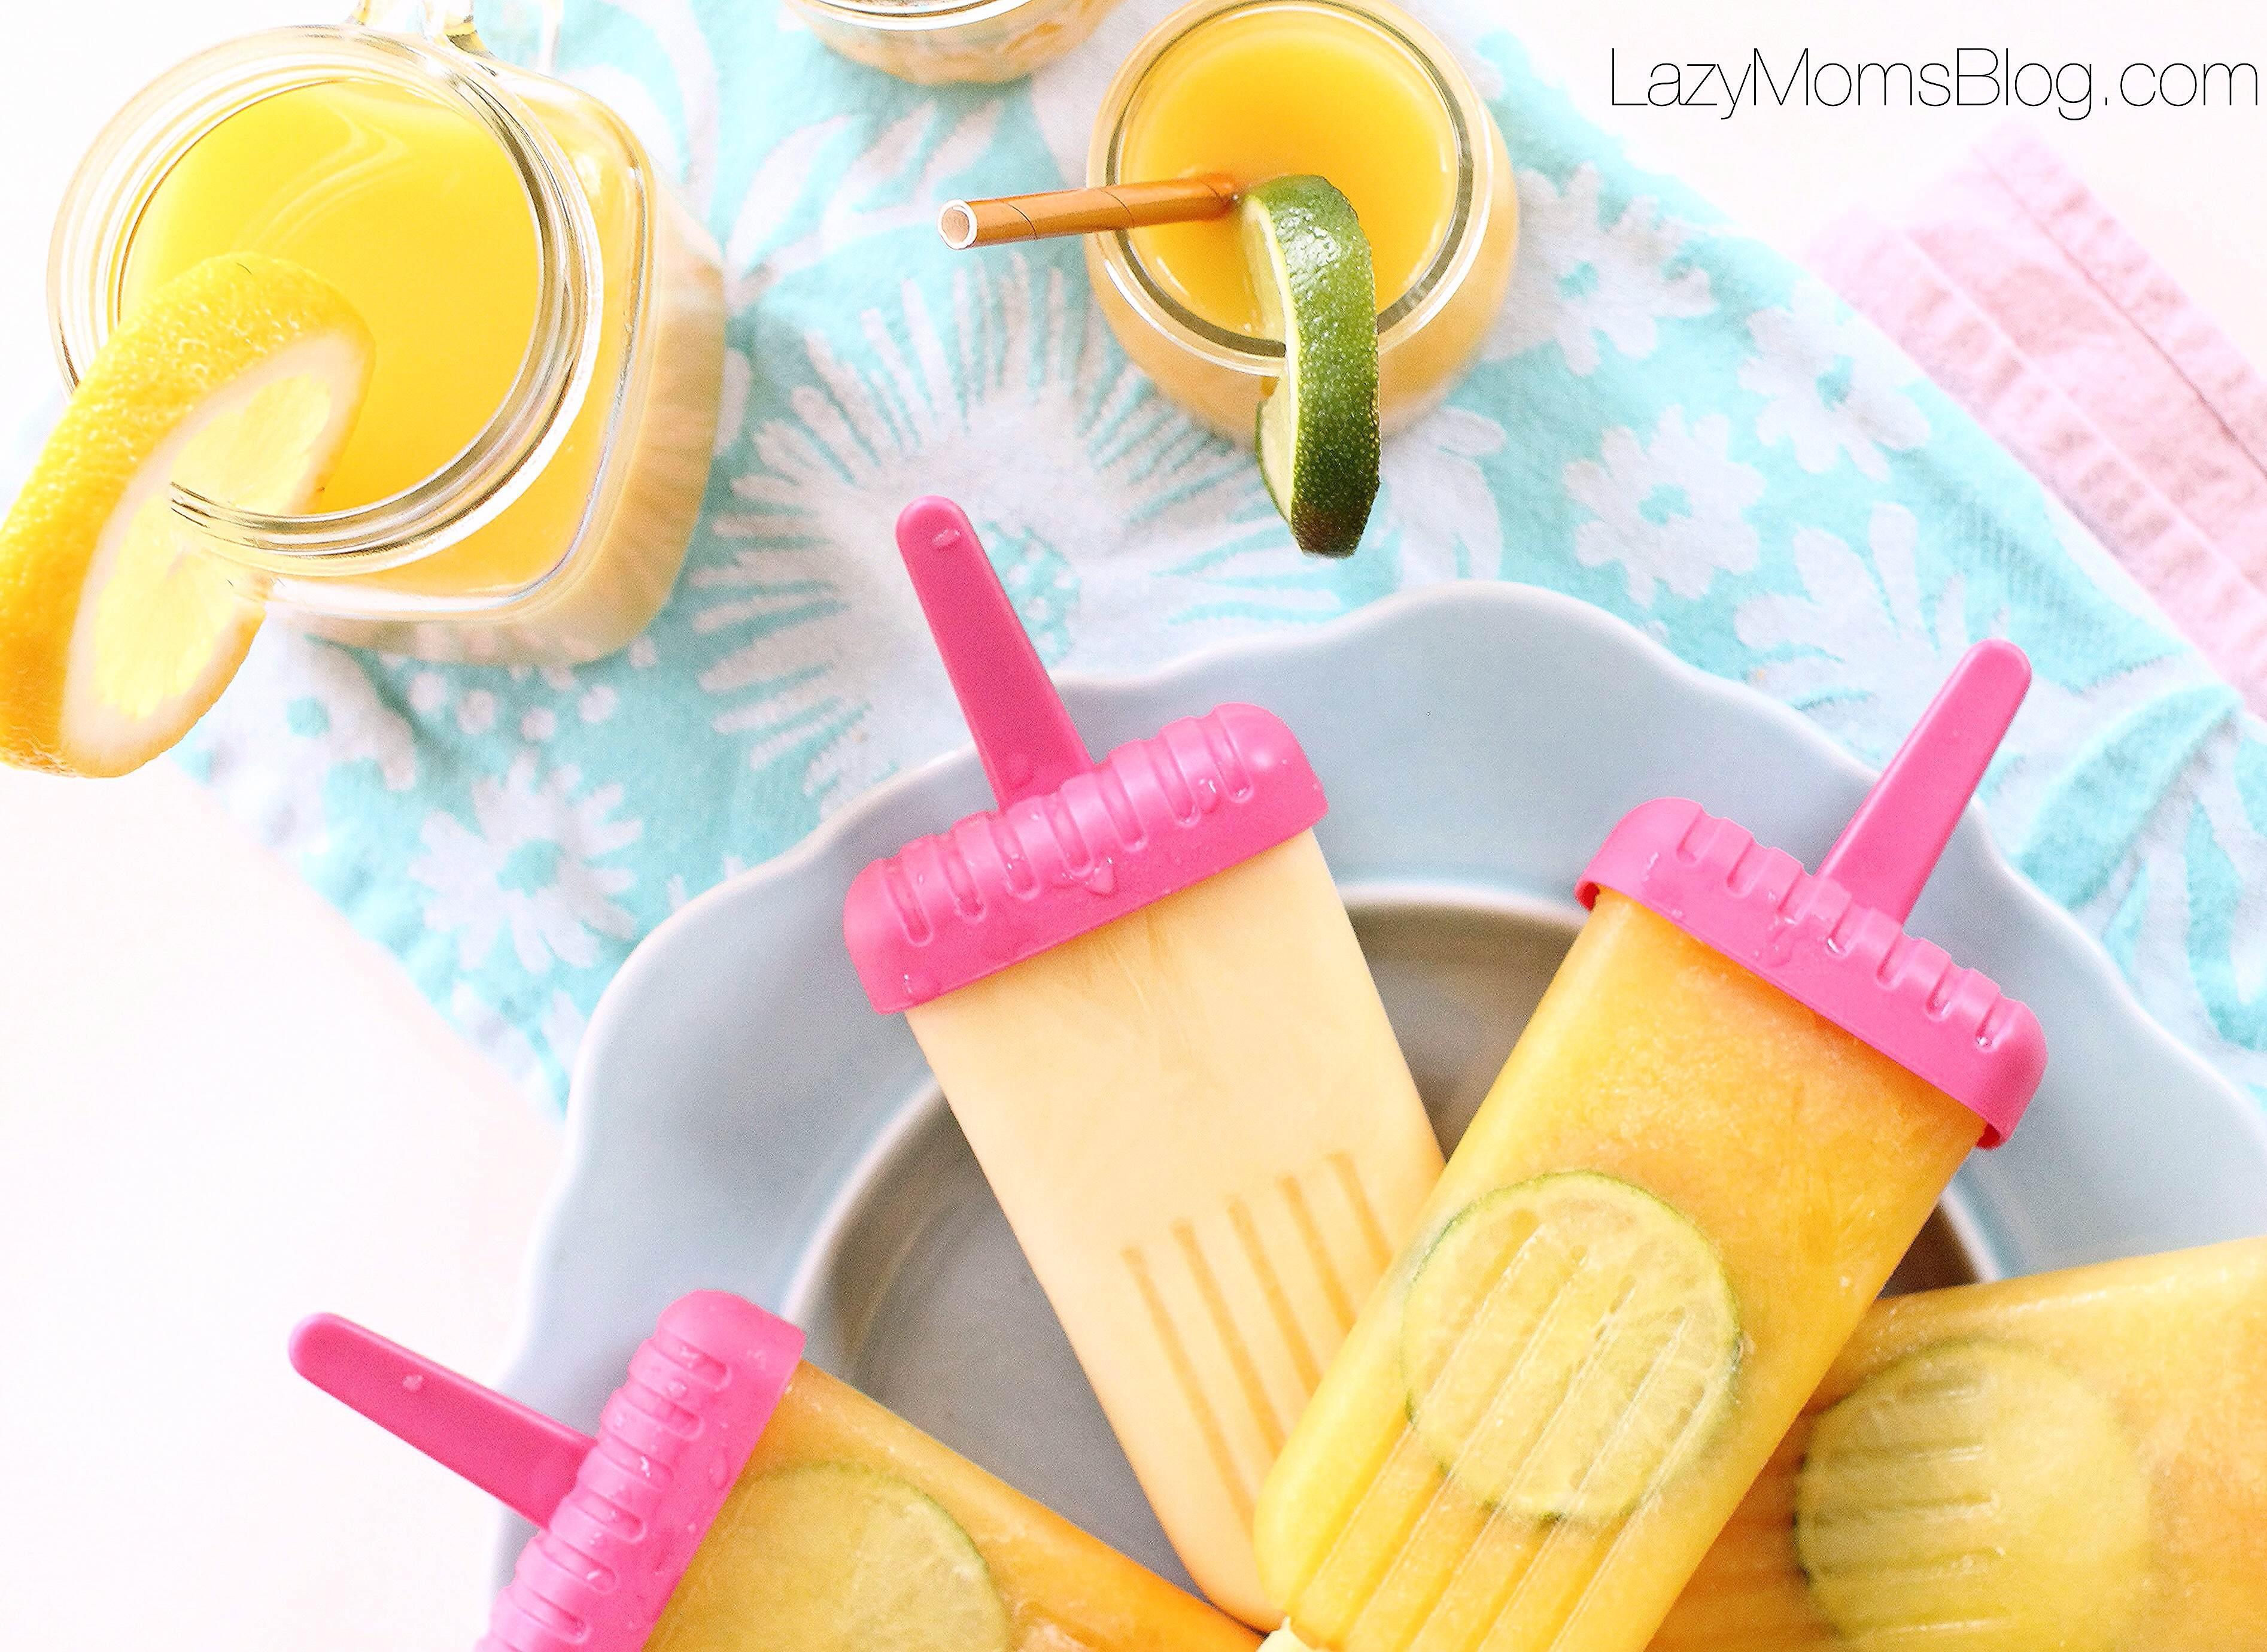 orange juice for the win